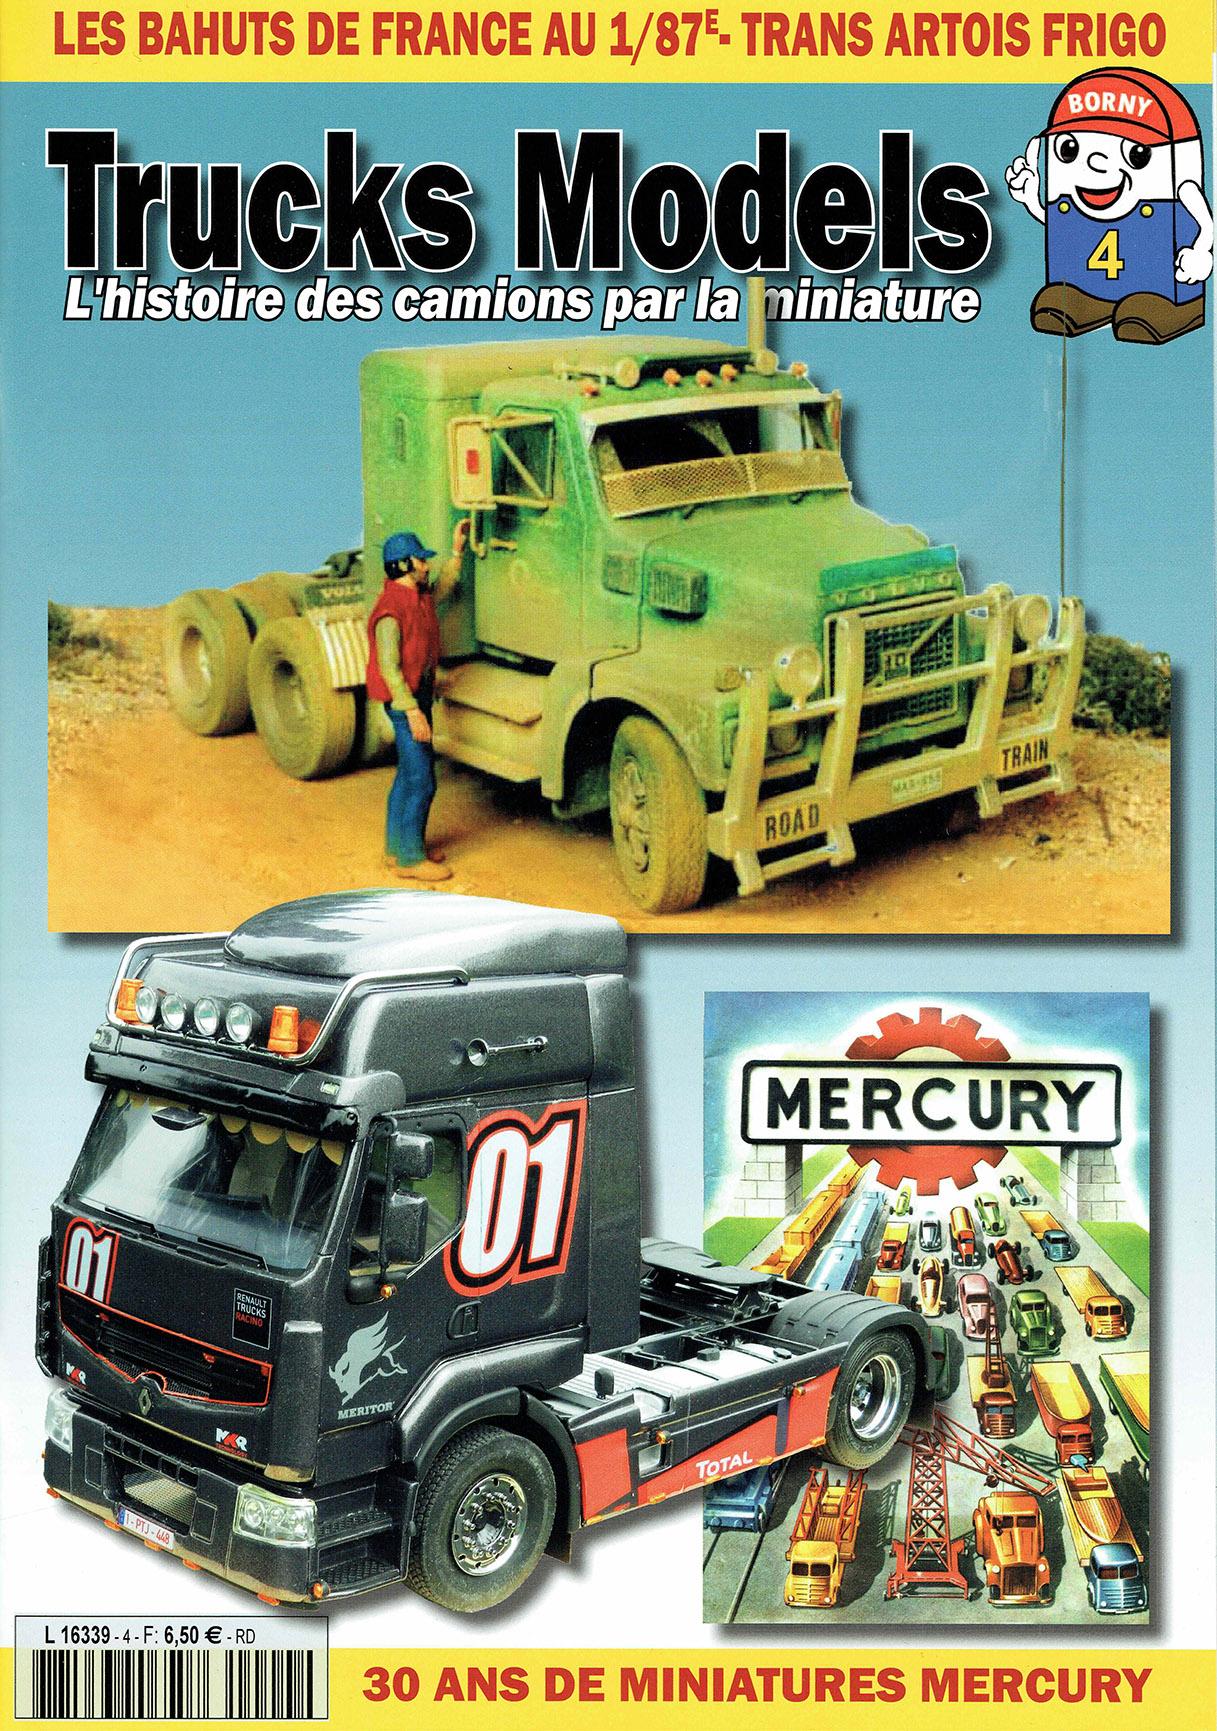 Numéro 4 de Trucks Models